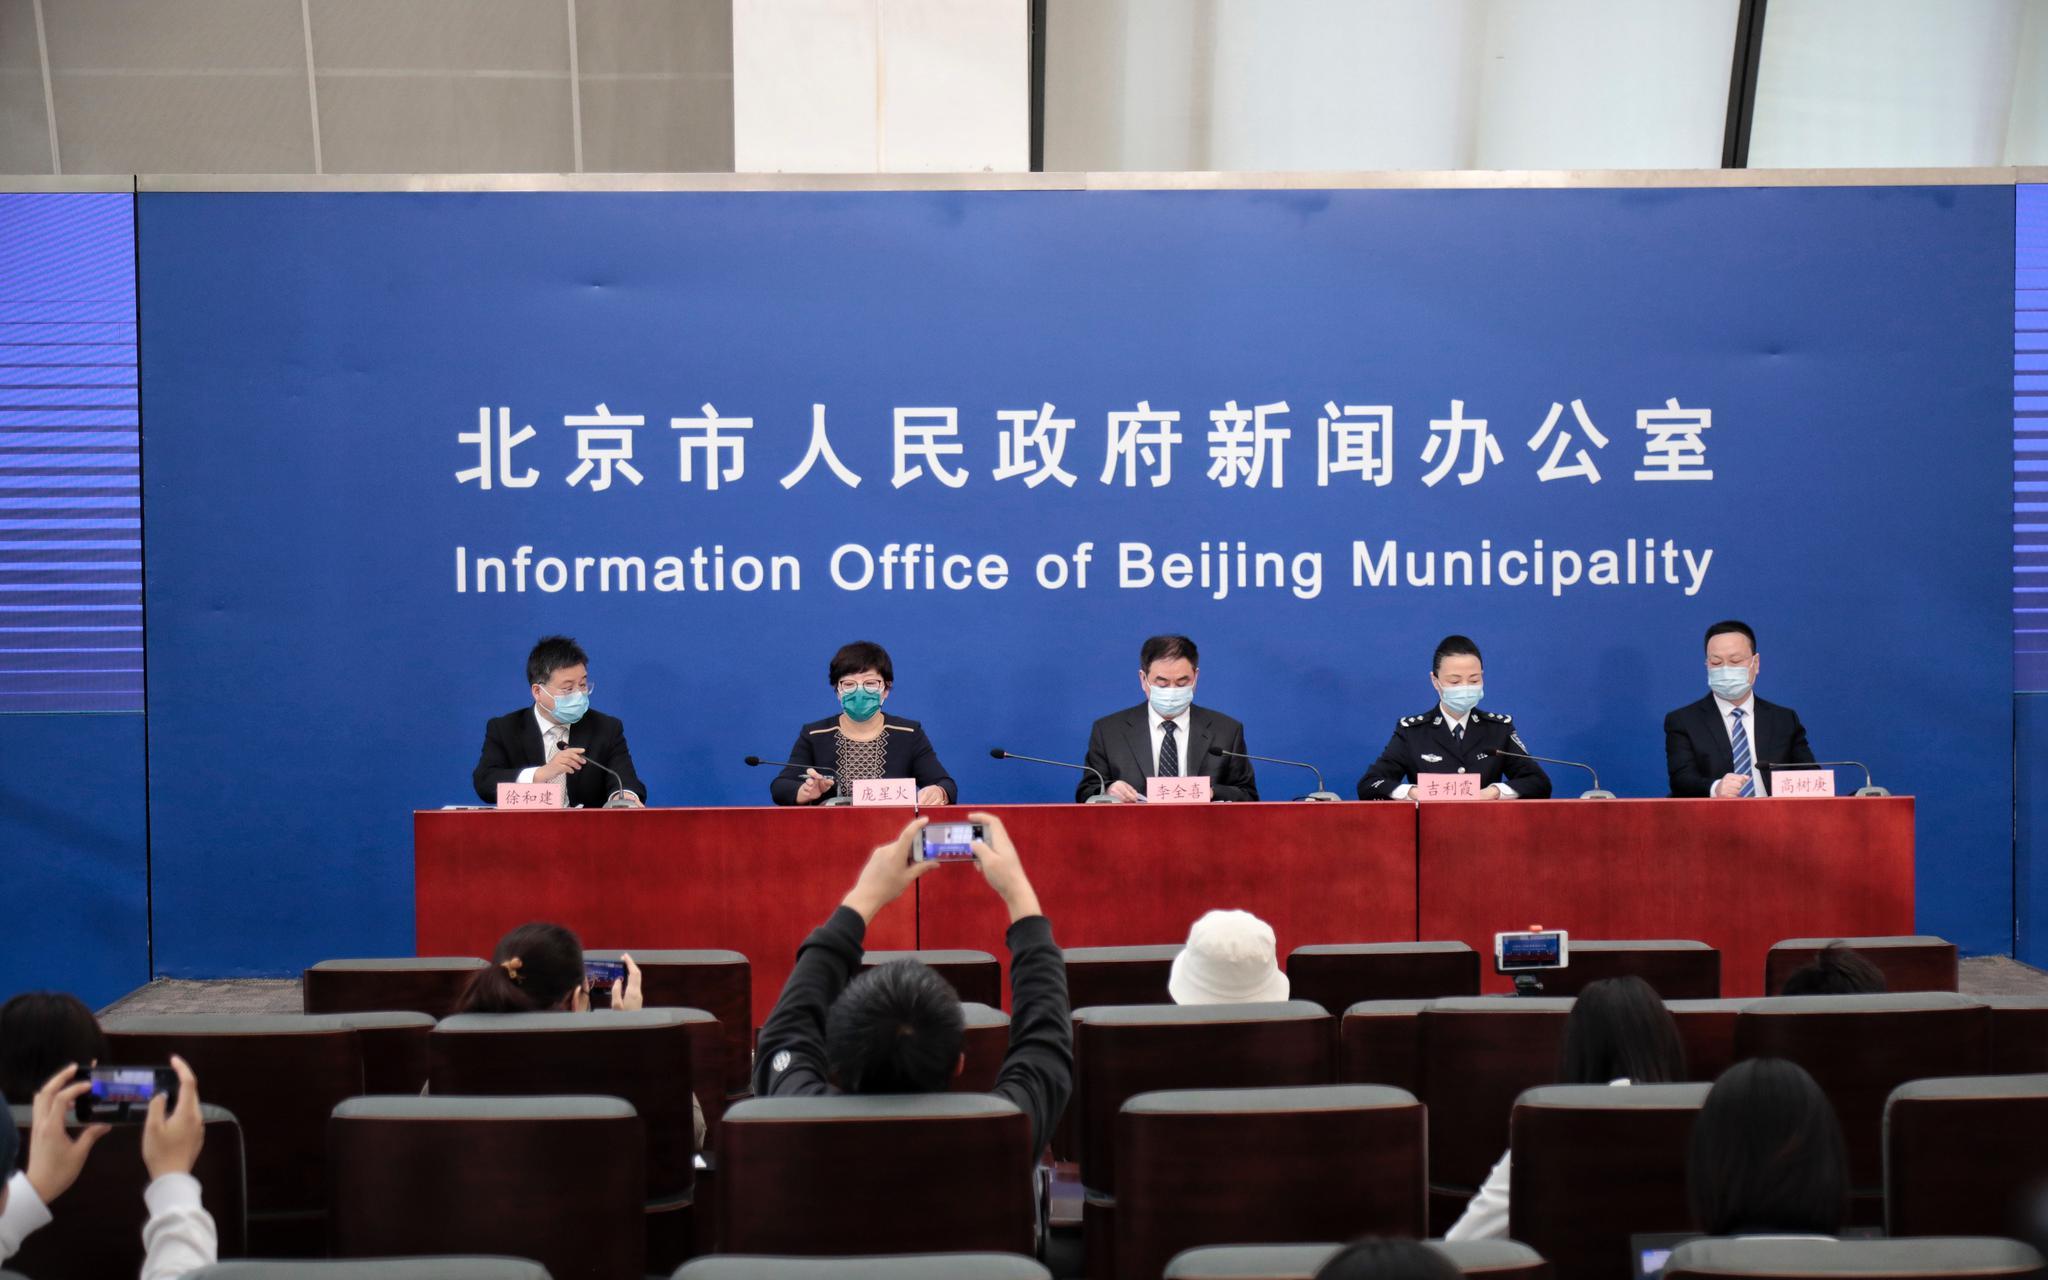 防控输入病例 首都机场T3专区设北京边检总站图片